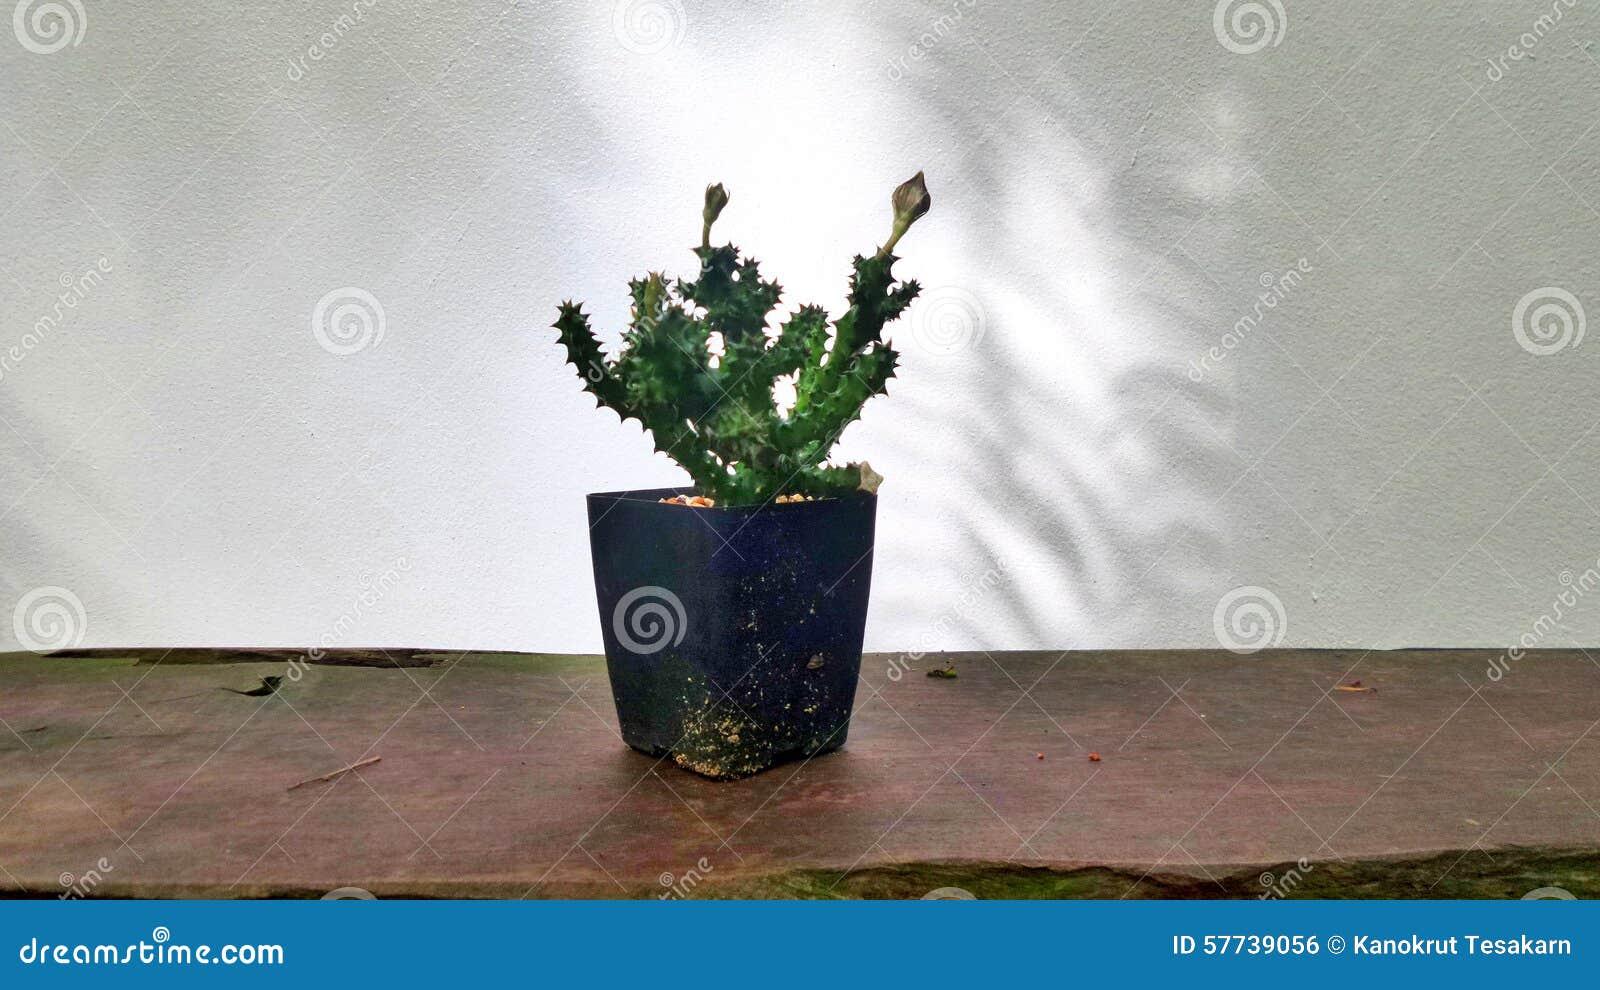 schatten des baums auf weißer wand und kaktus im blumentopf auf